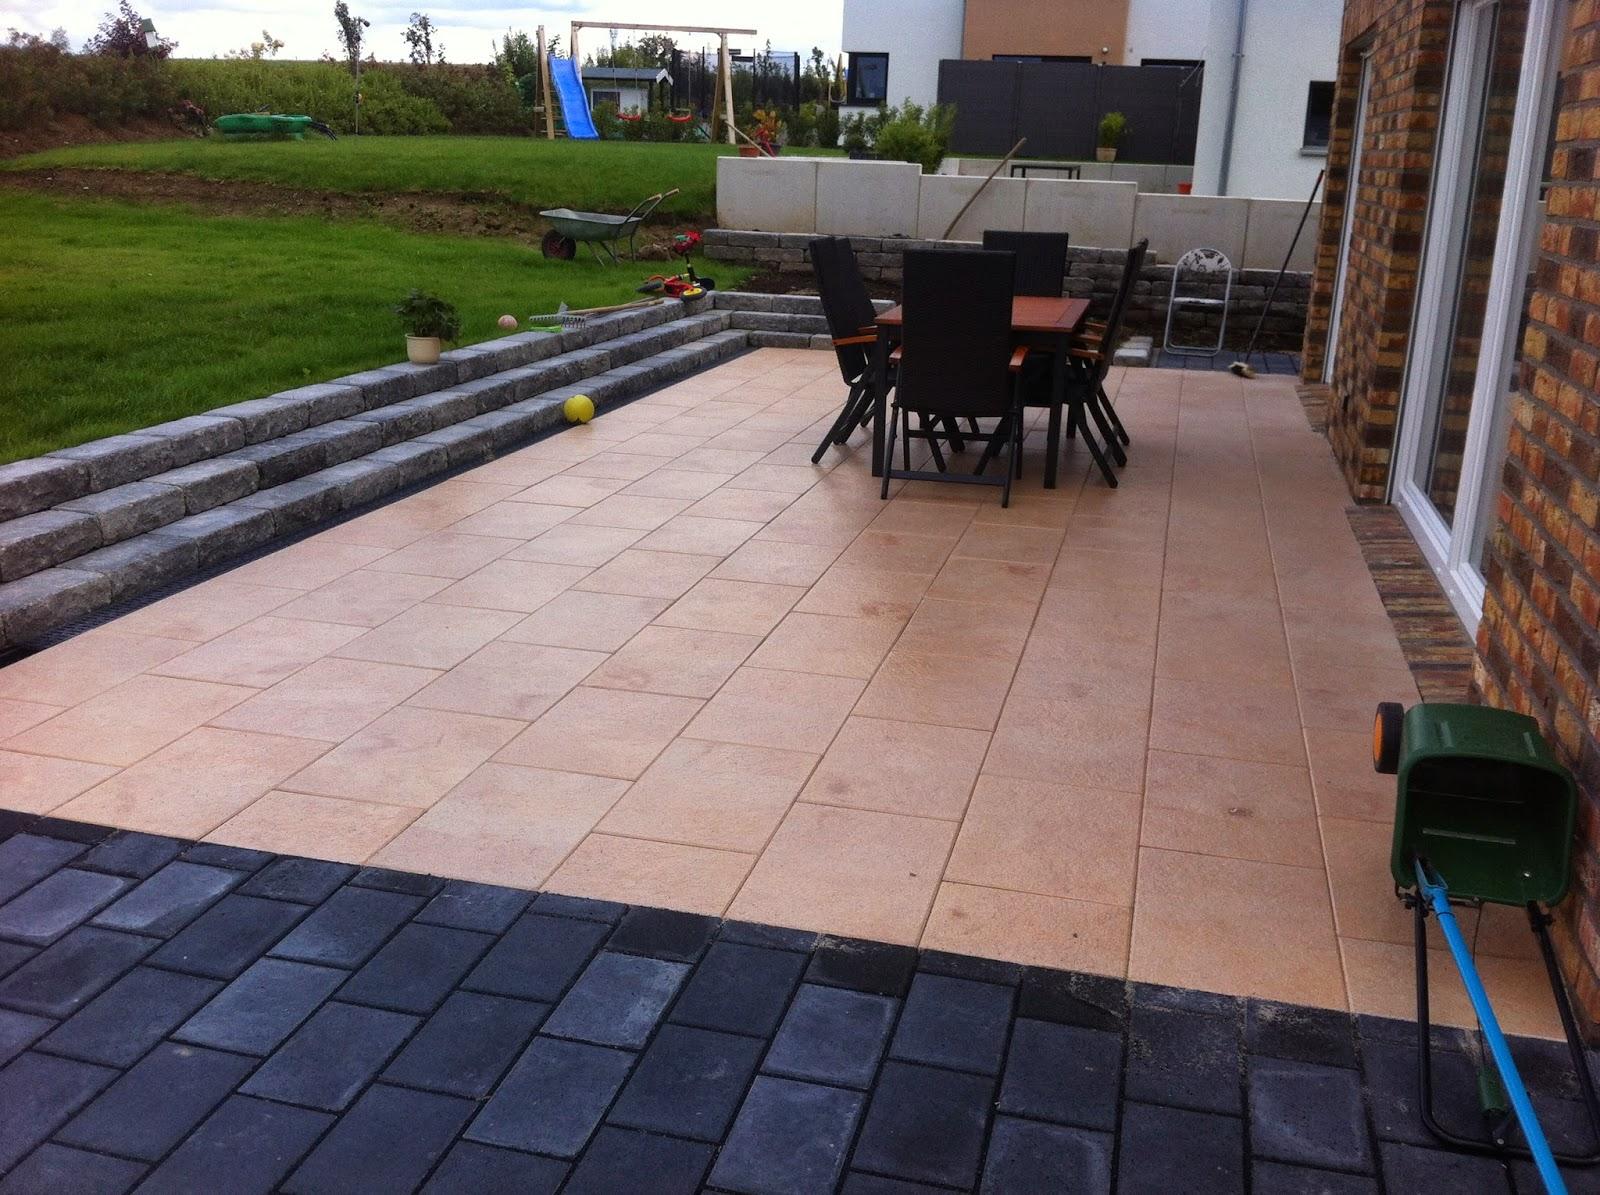 Wir bauen Zuhausehaus Edition 425 Unser Garten kommt